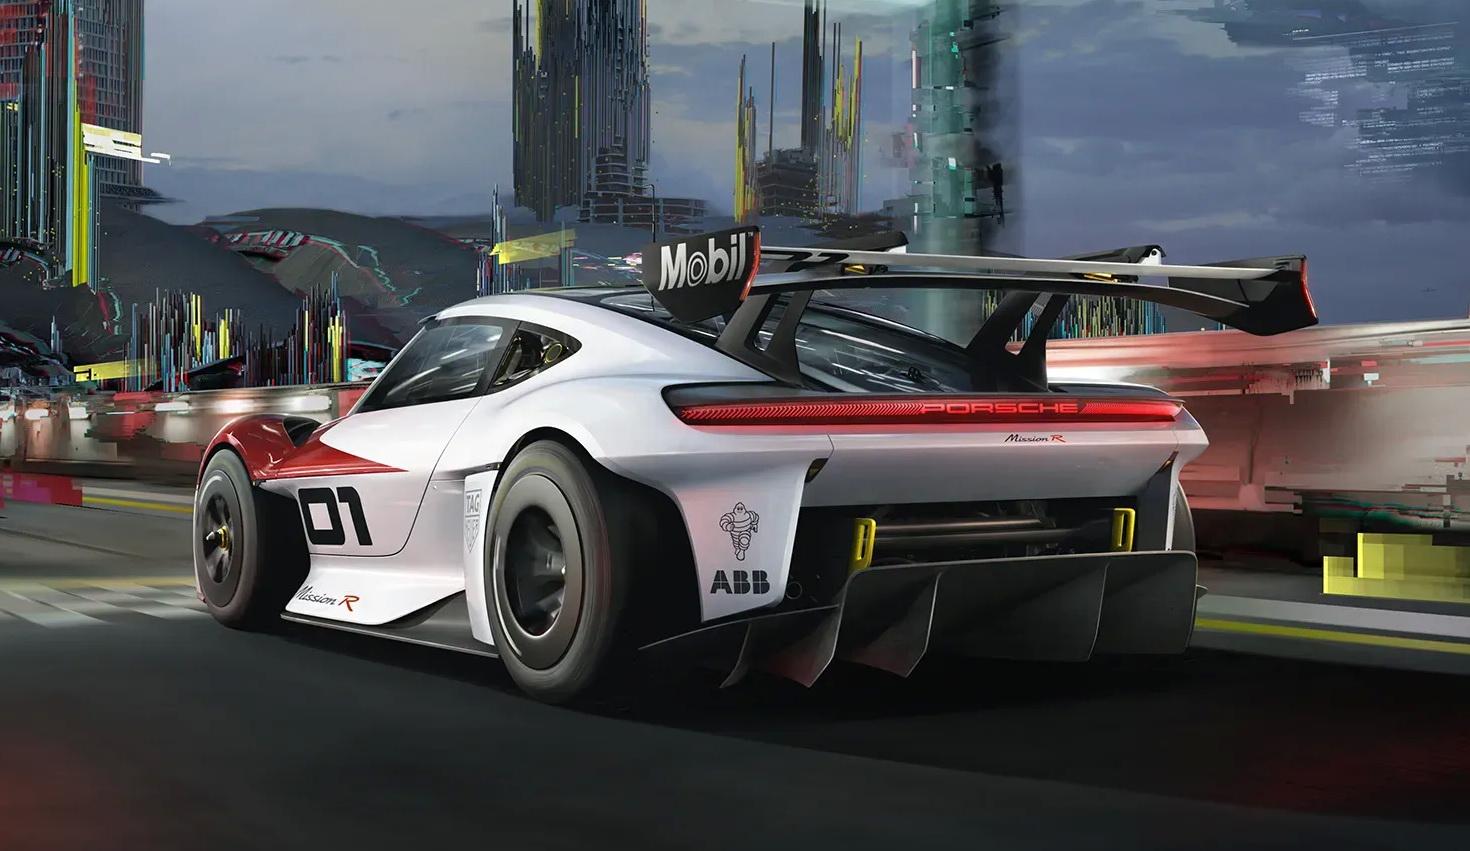 Porsche Mission R รถแข่งพลังงานไฟฟ้า อนาคตของวงการมอเตอร์สปอร์ต